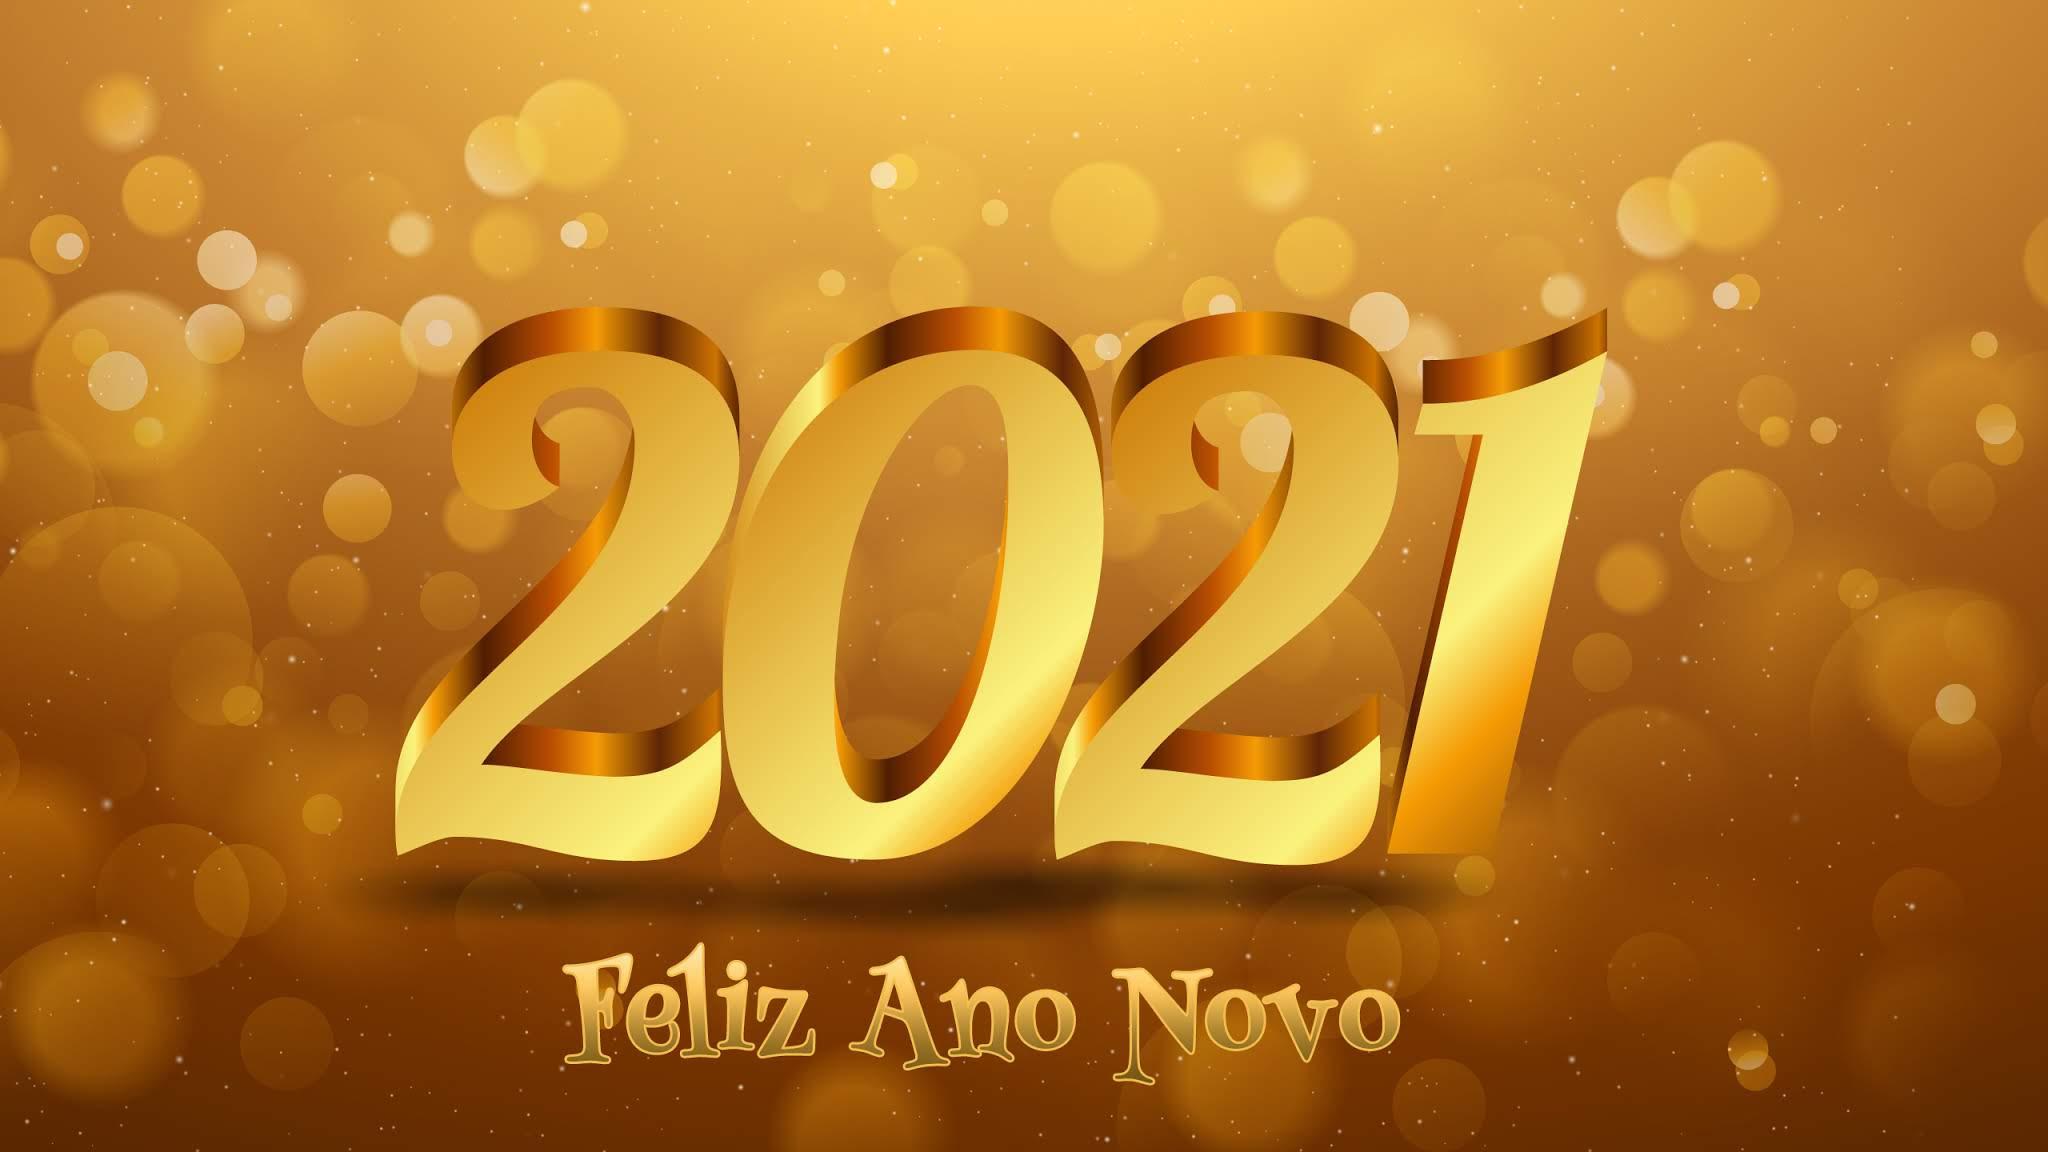 Que 2021 seja diferente e melhor para todos nós!